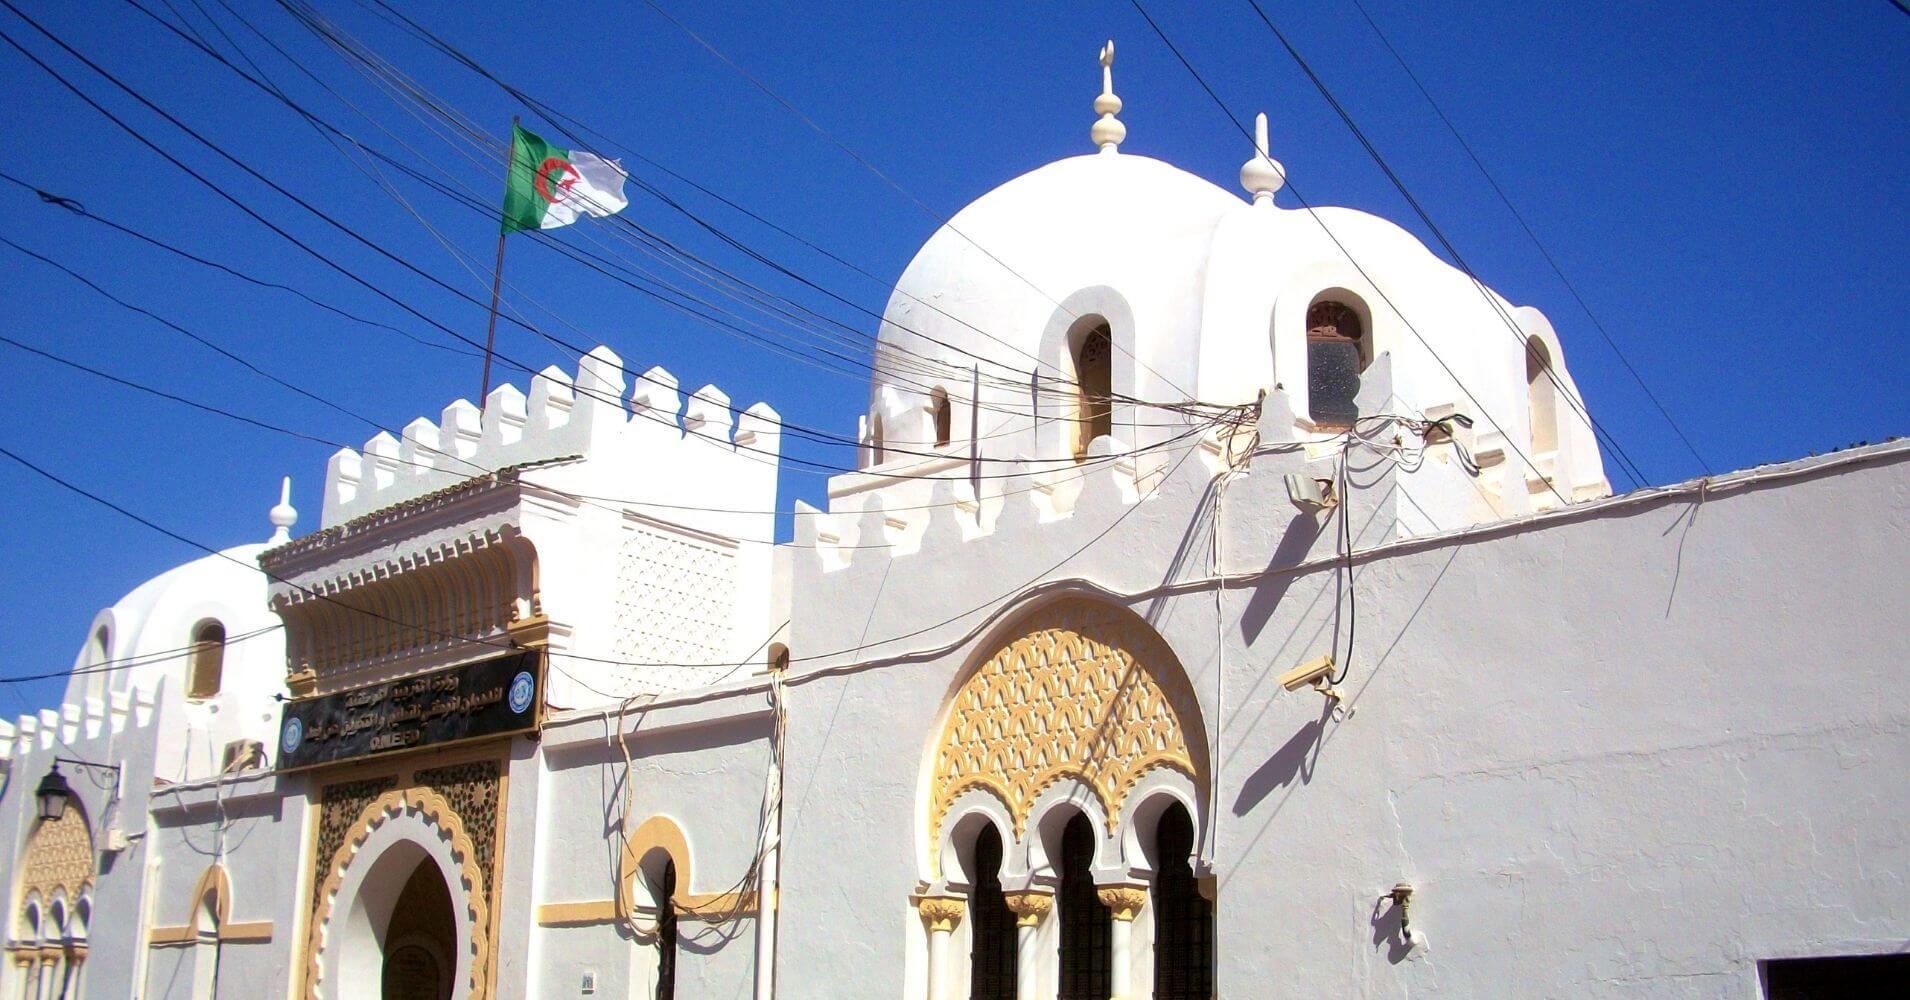 Mezquita de Argel la Blanca. Argelia.